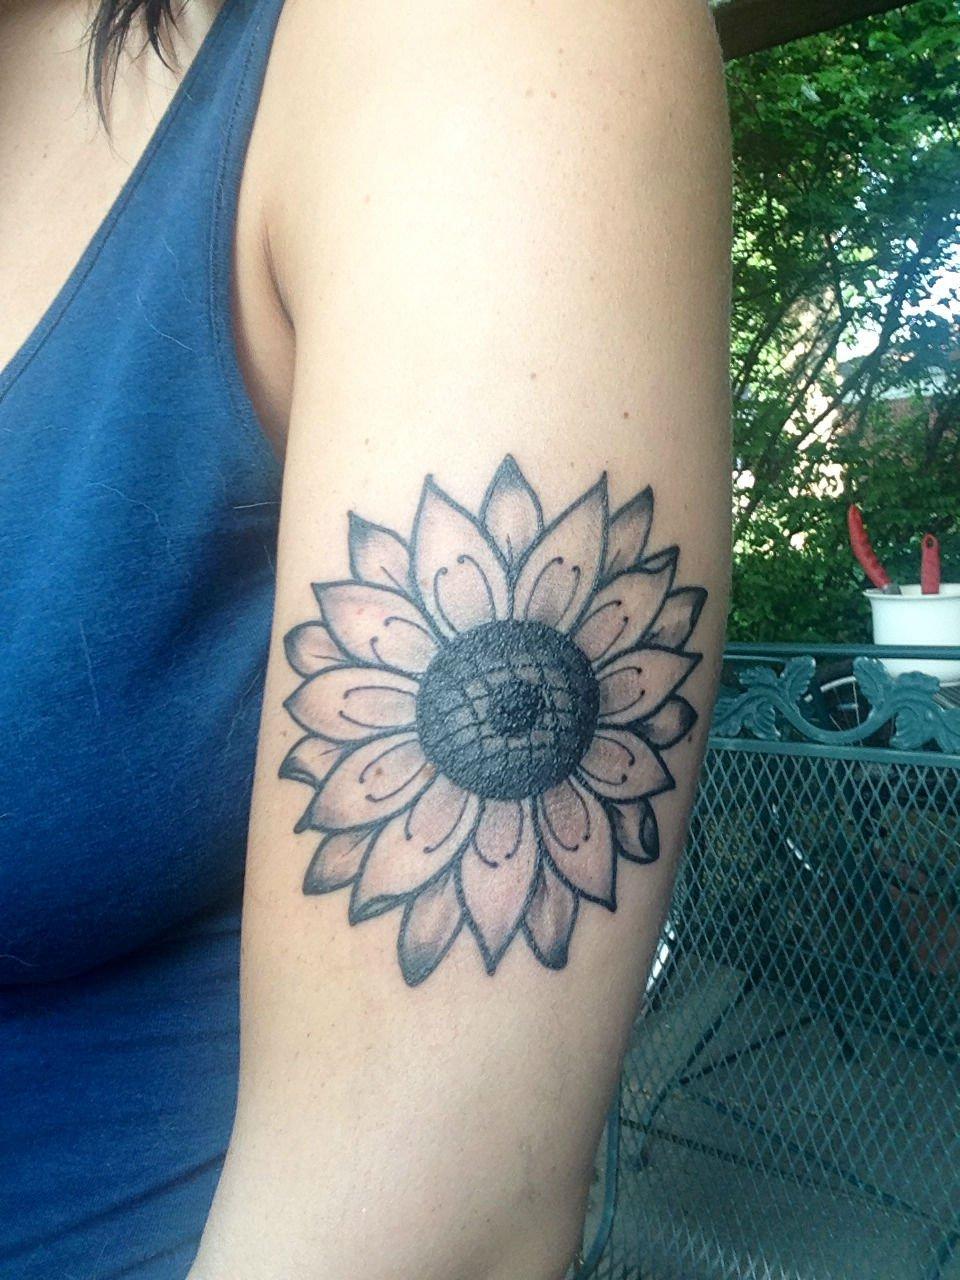 Warm Sunflower Tattoo Designs 4